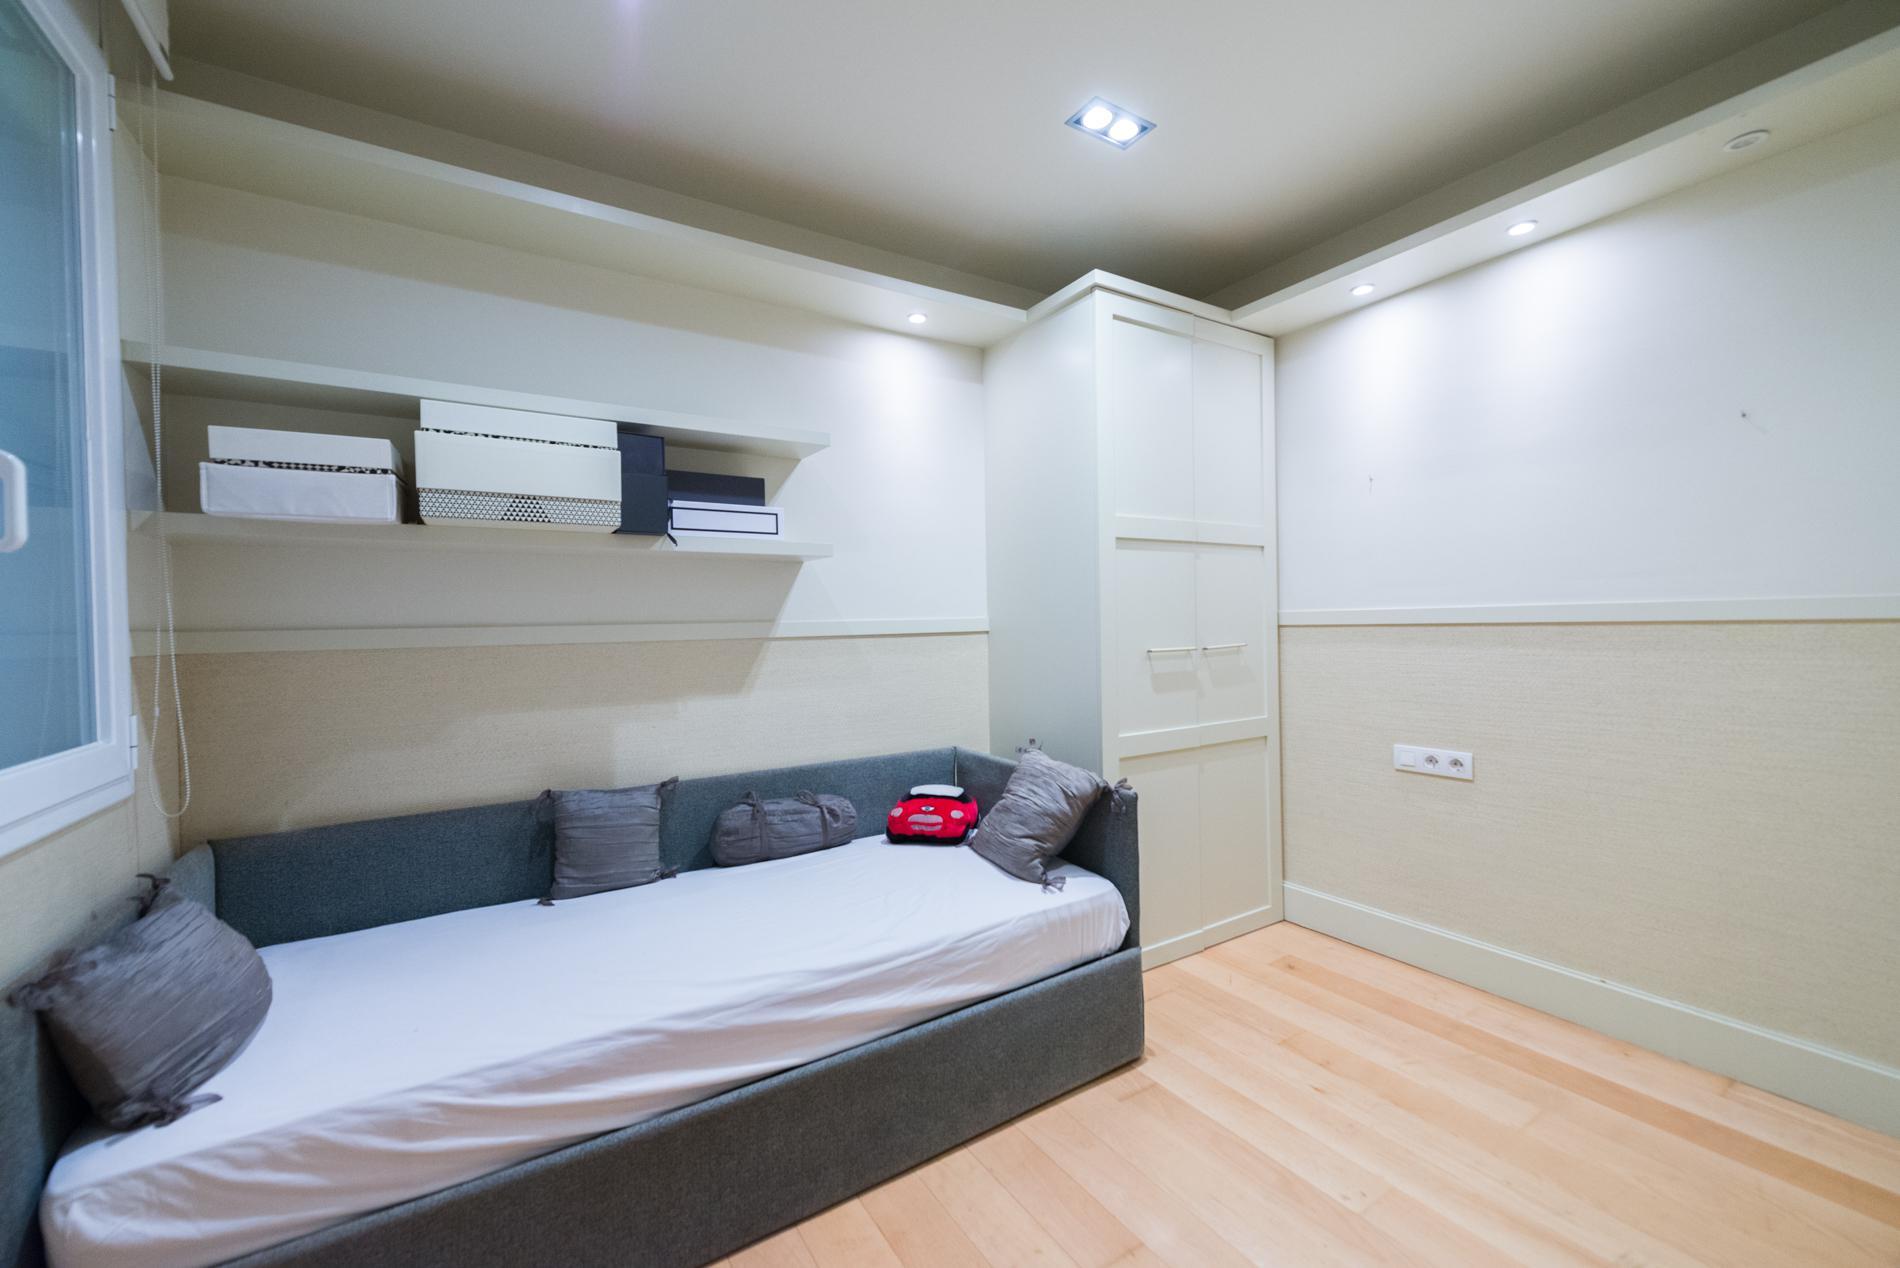 247761 Ground Floor for sale in Sarrià-Sant Gervasi, St. Gervasi-Bonanova 14